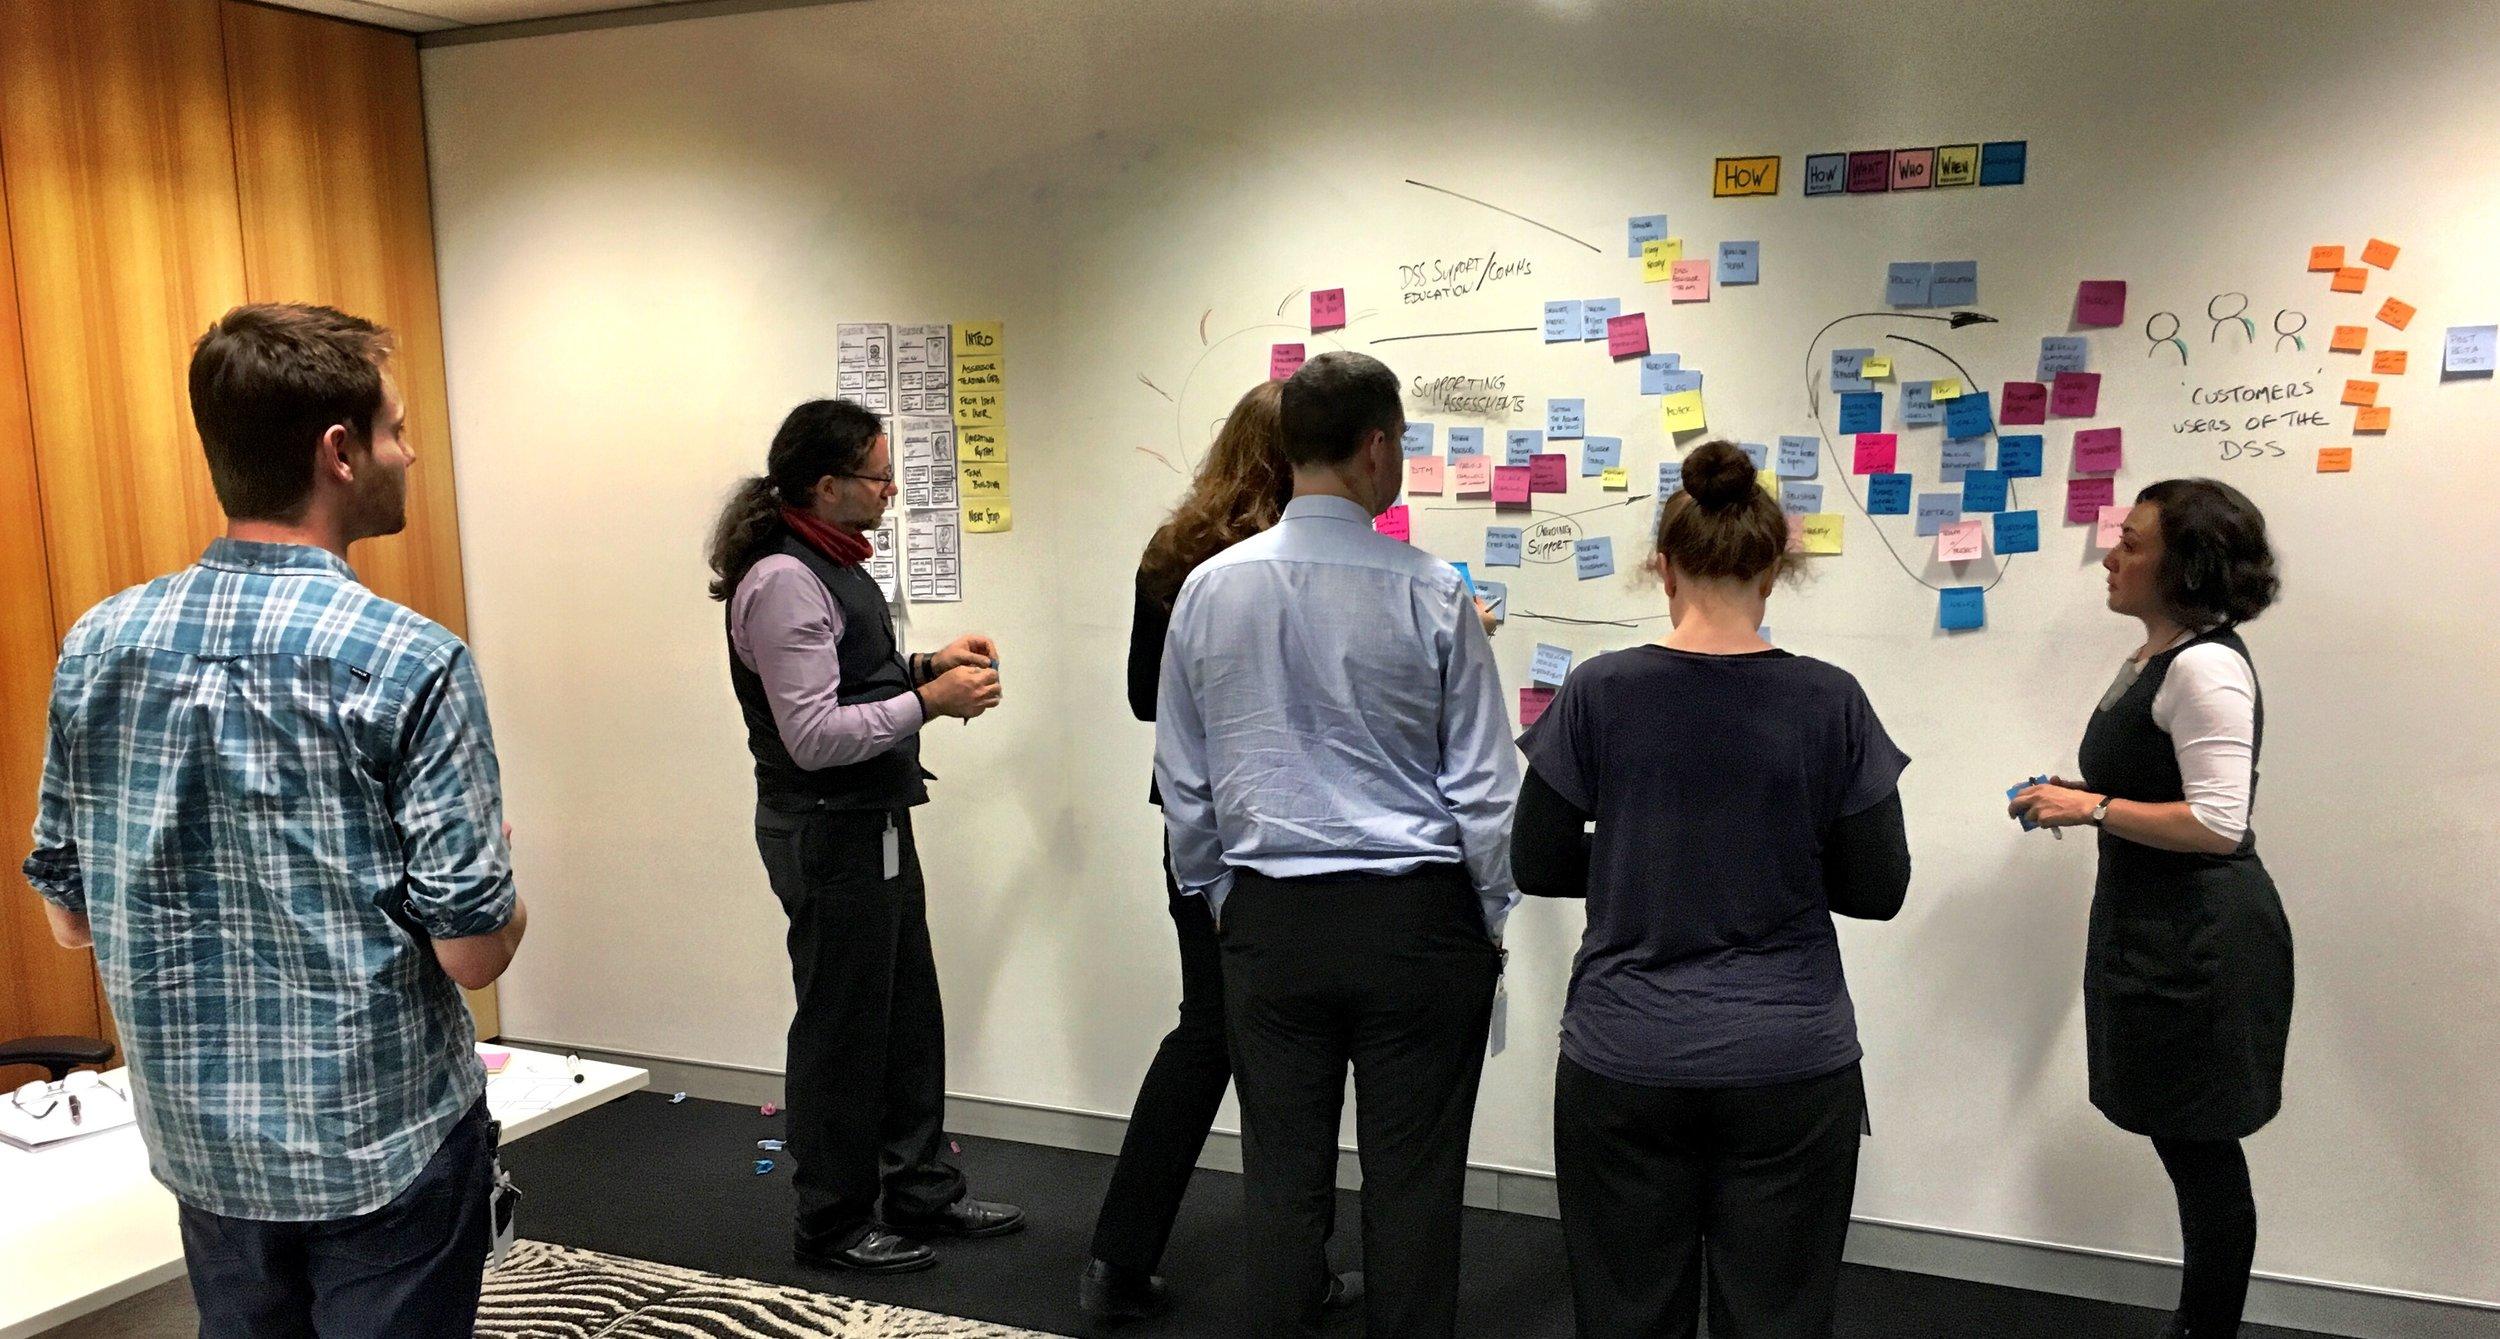 Assessor team building.jpg